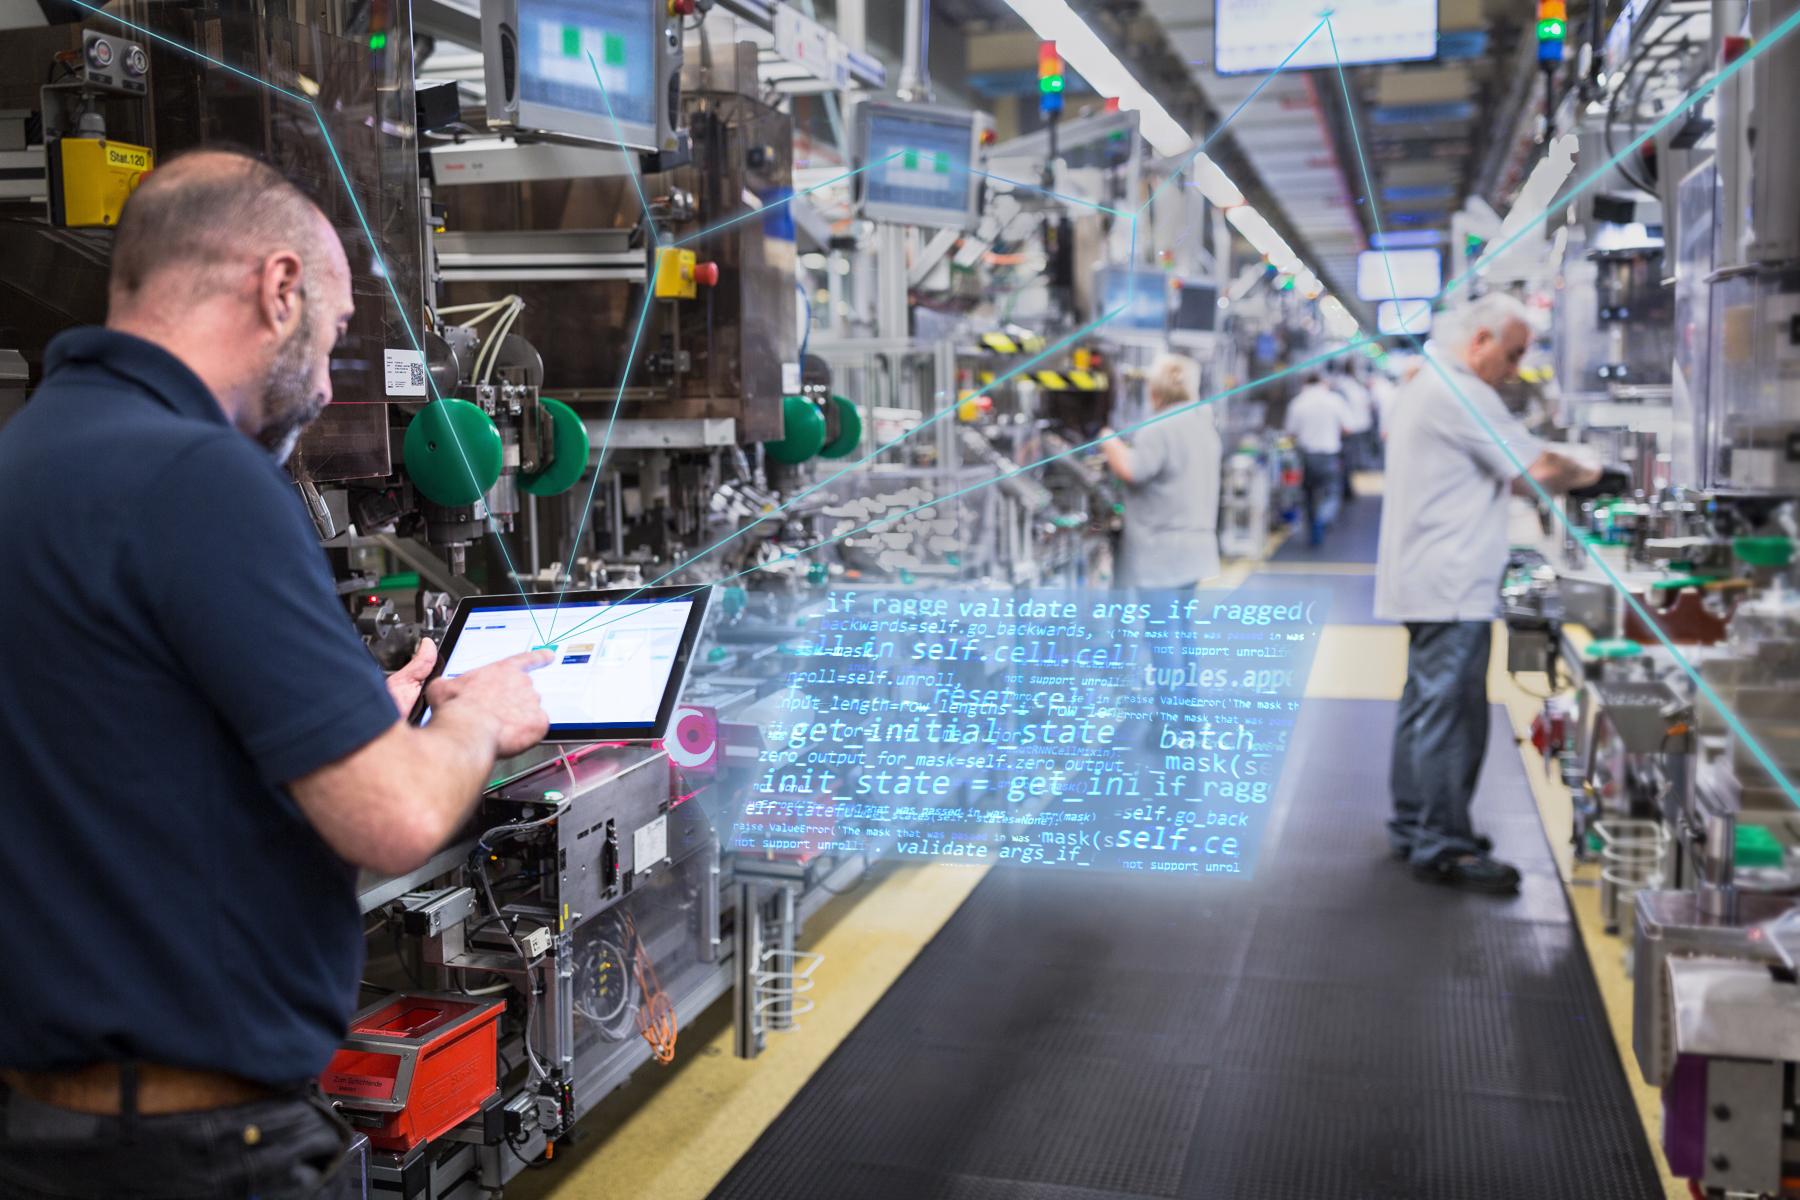 Směrem k produkci nulových vad pomocí umělé inteligence Bosch